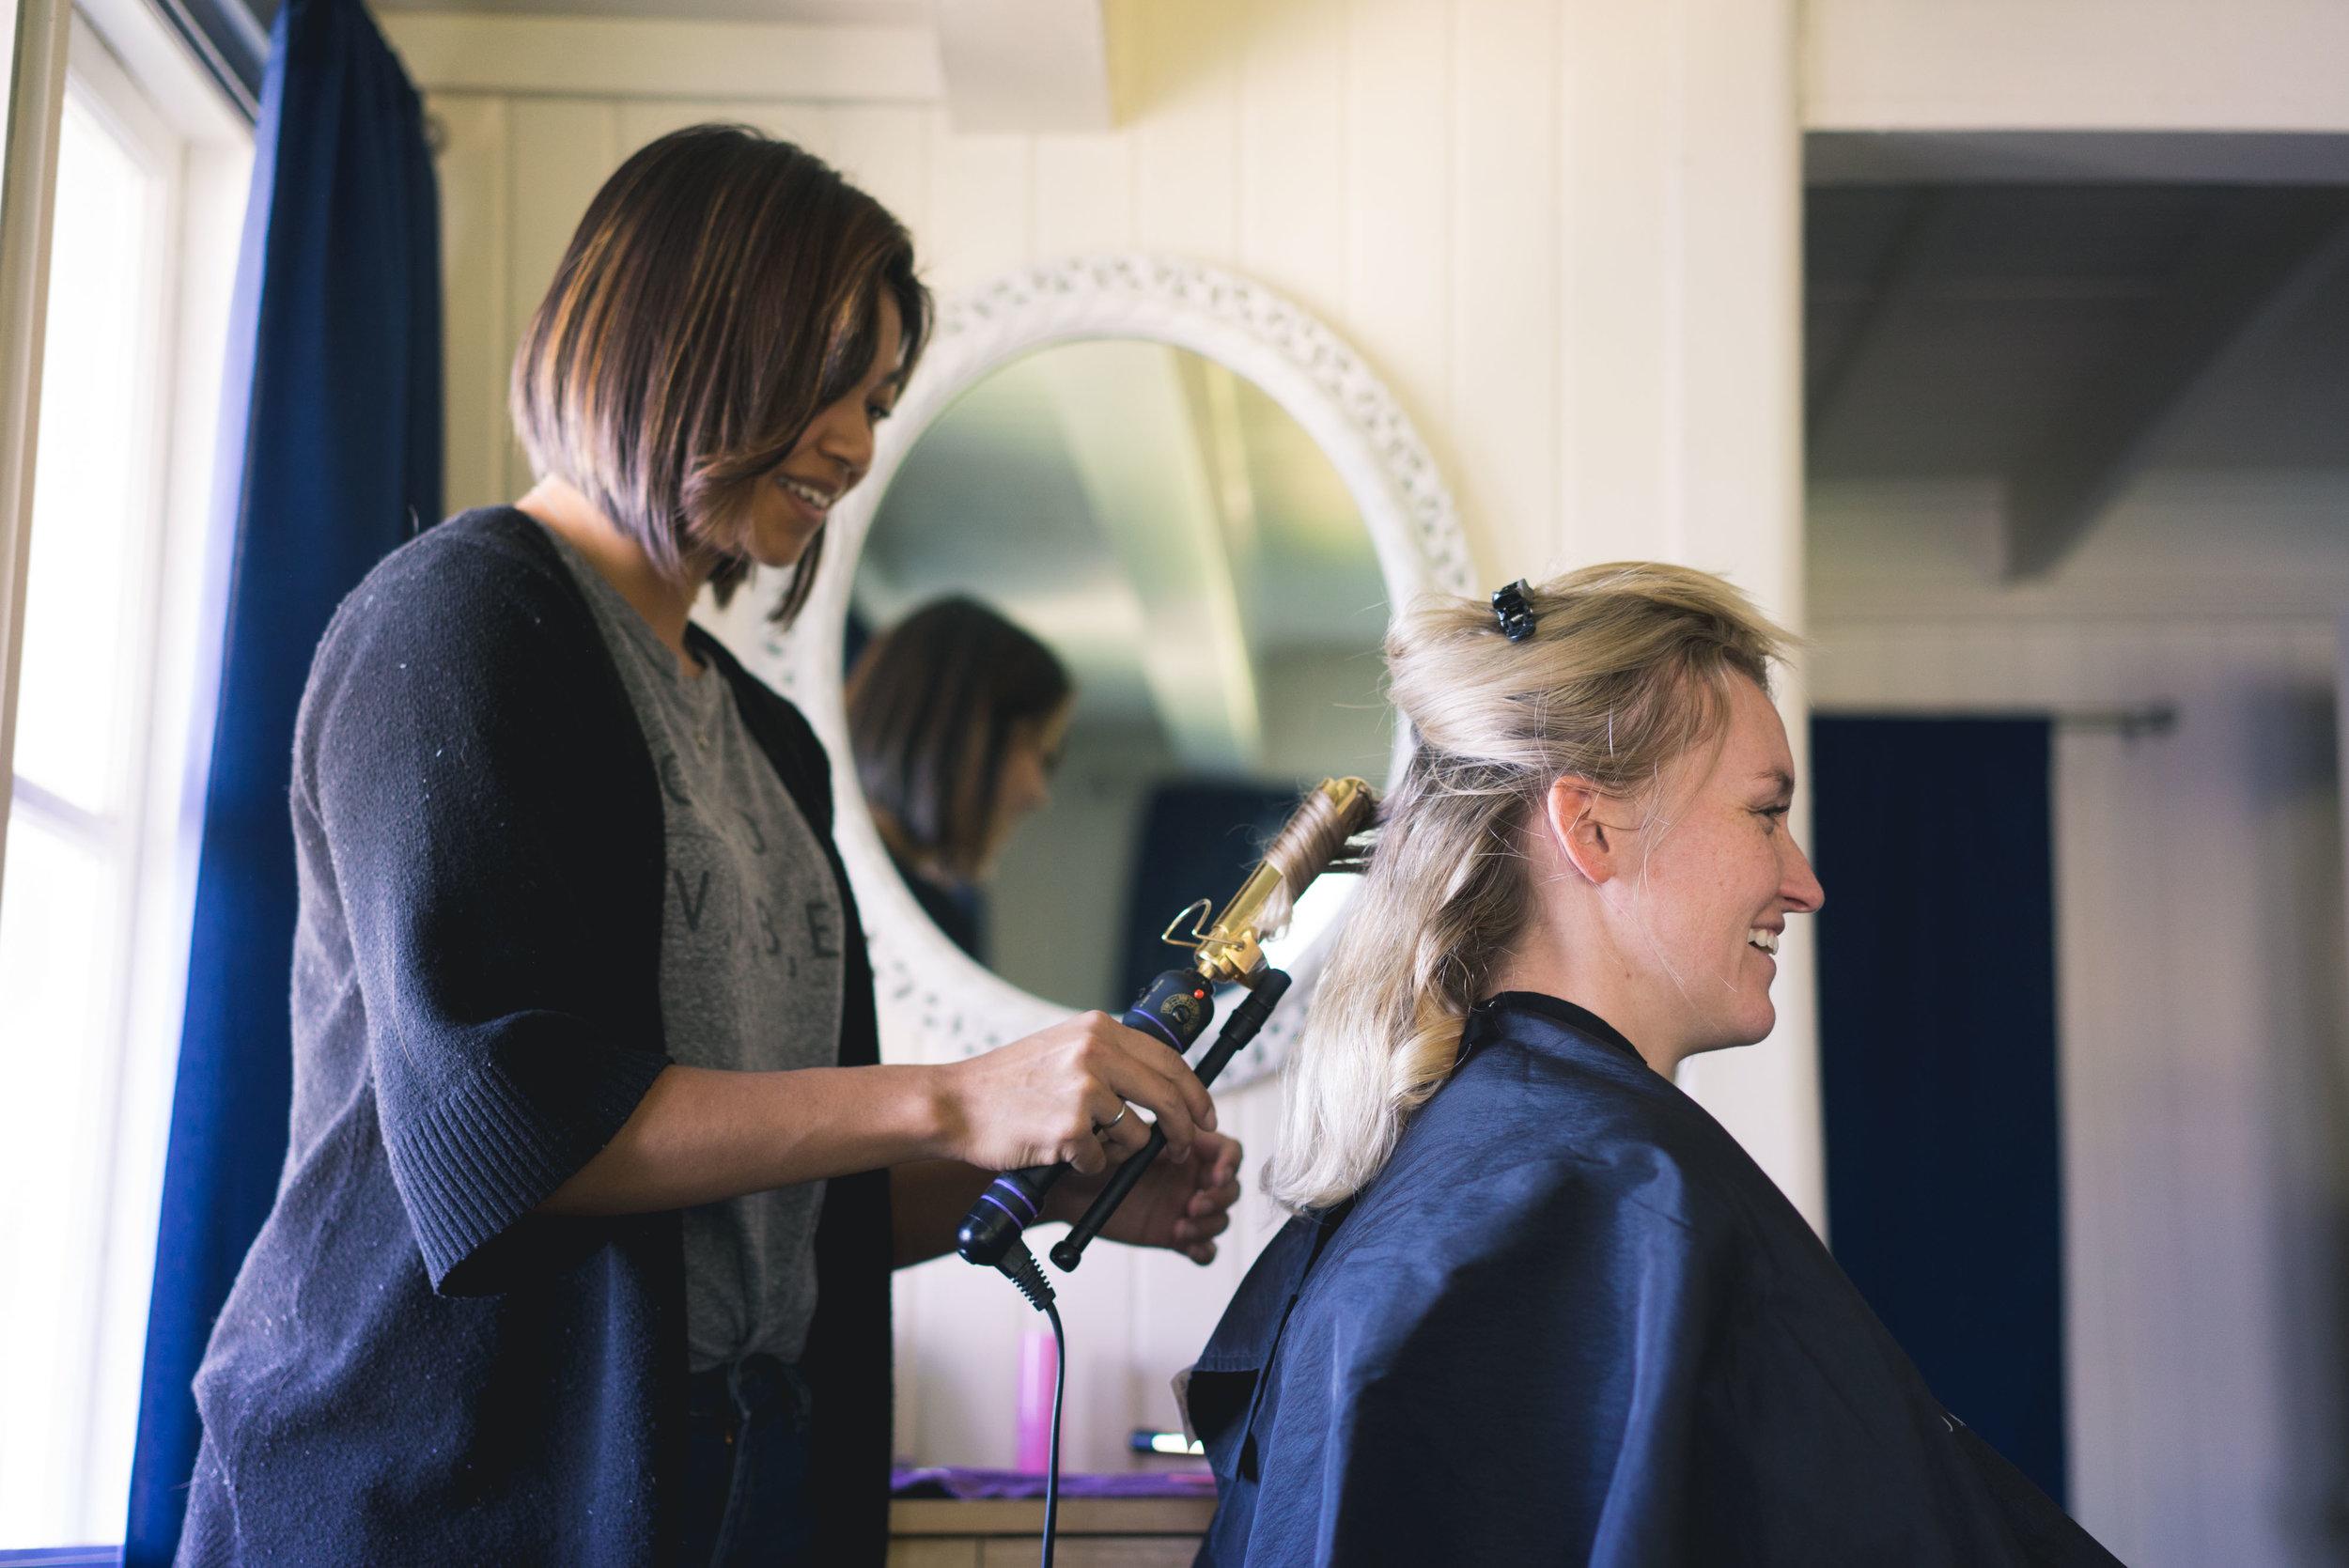 Sarah having some wedding hair prep done